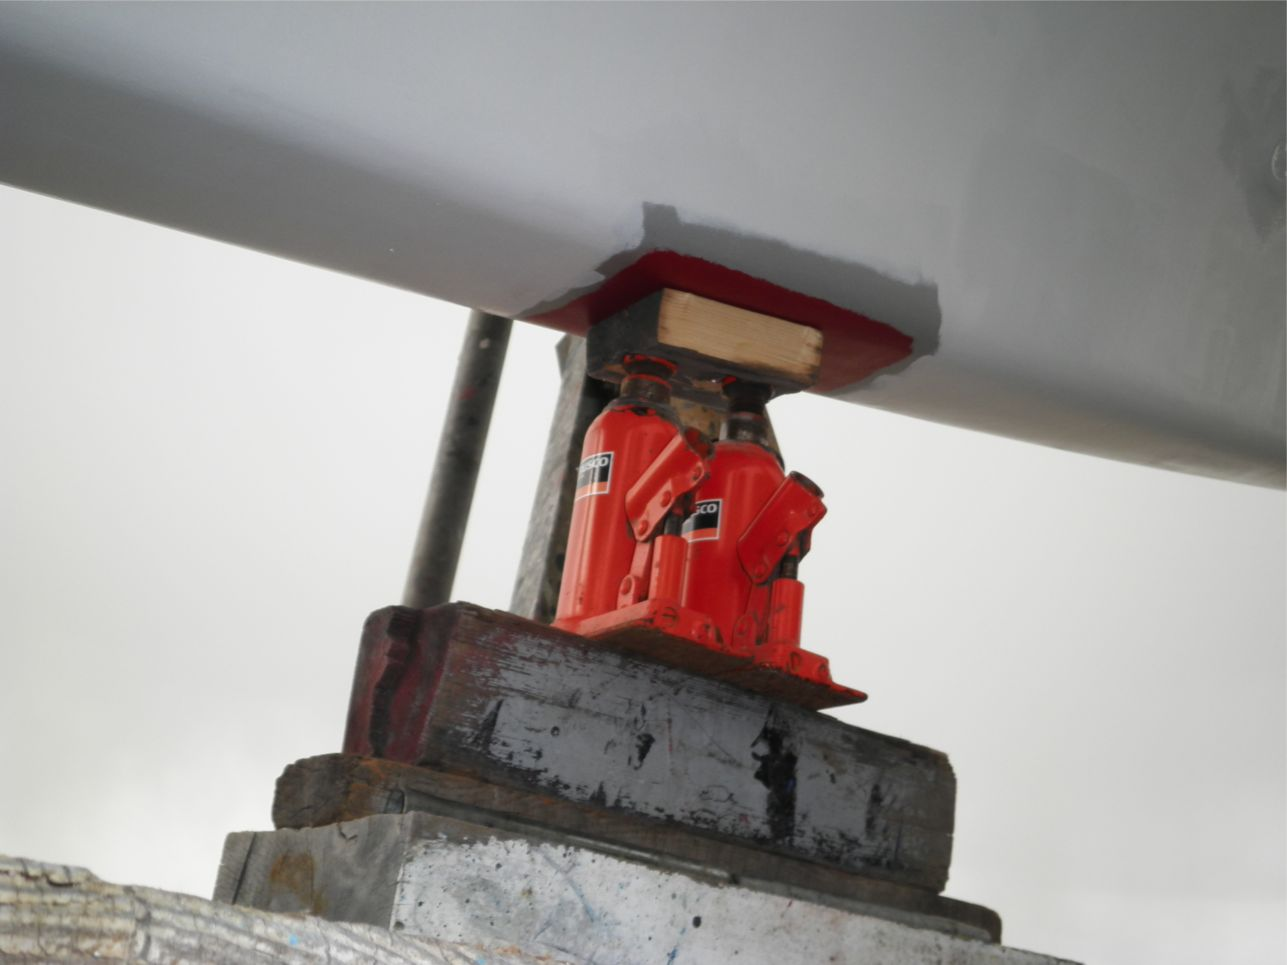 船底整備のすべて⑭キール_ばん木受け部分作業_a0051924_22521421.jpg